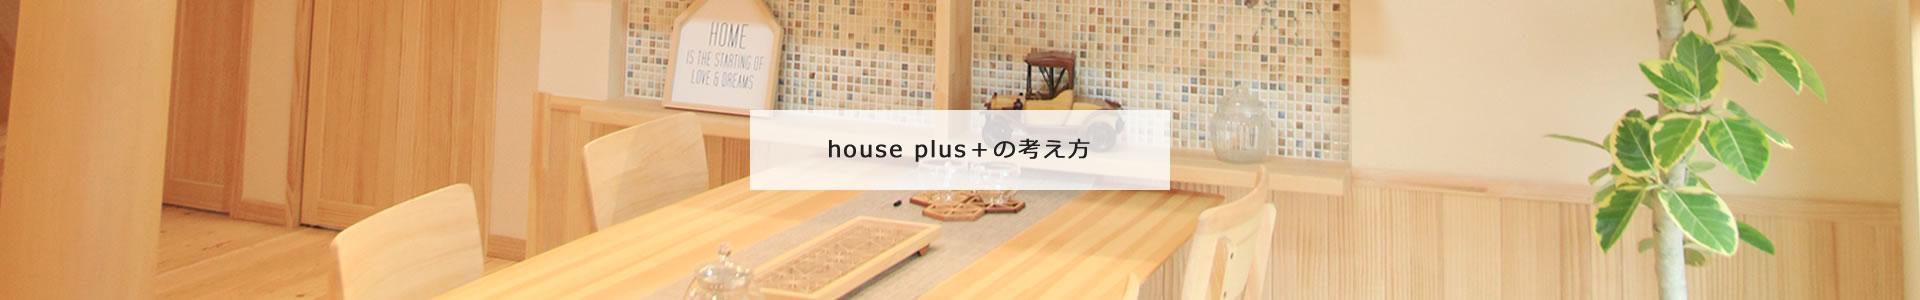 house plus+の考え方